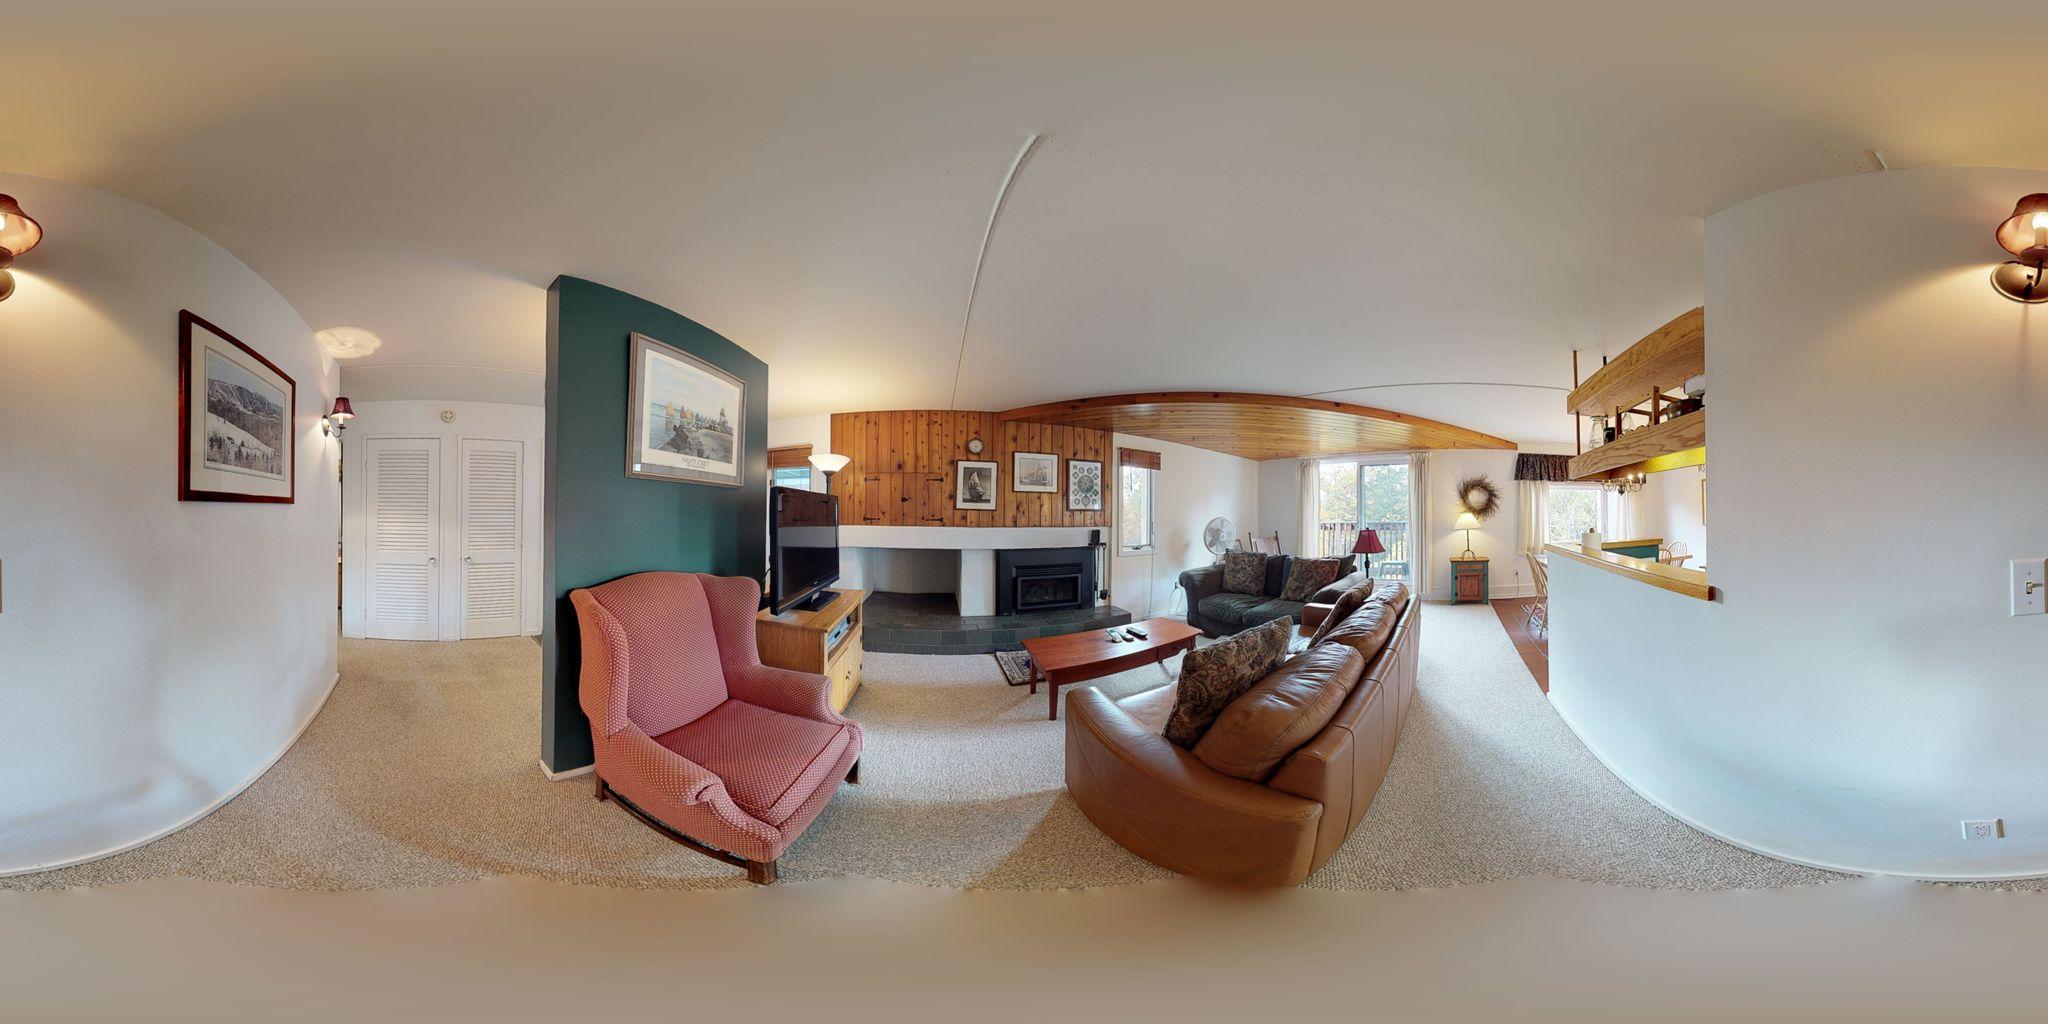 Vivez une expérience immersive à 360 degrés et découvrez les caractéristiques et équipements de ce logement.